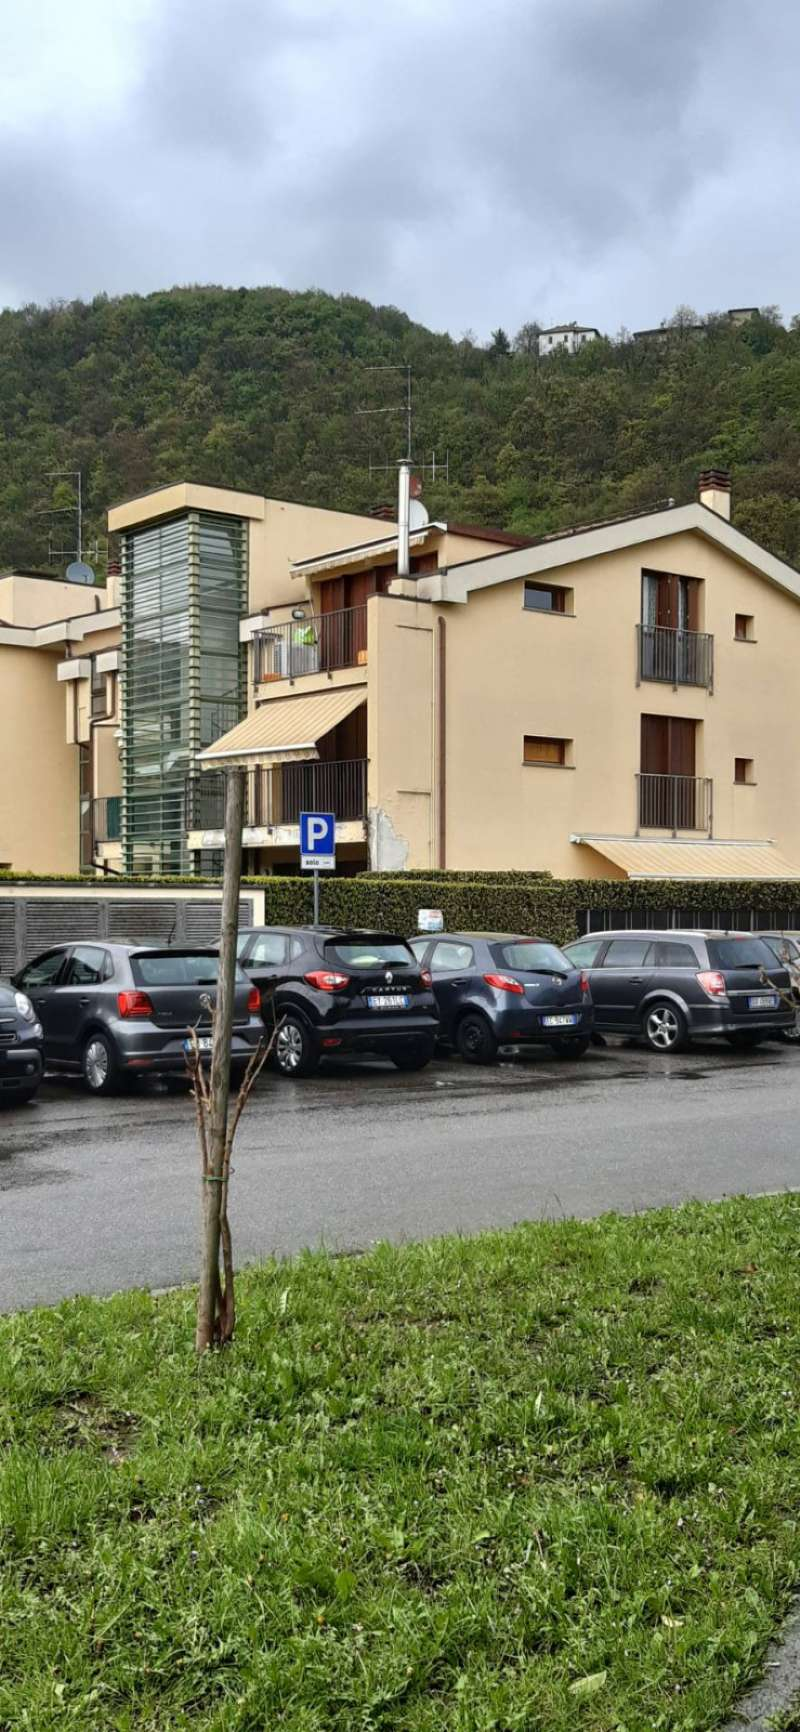 Appartamento in vendita a Cisano Bergamasco, 4 locali, prezzo € 153.000 | PortaleAgenzieImmobiliari.it